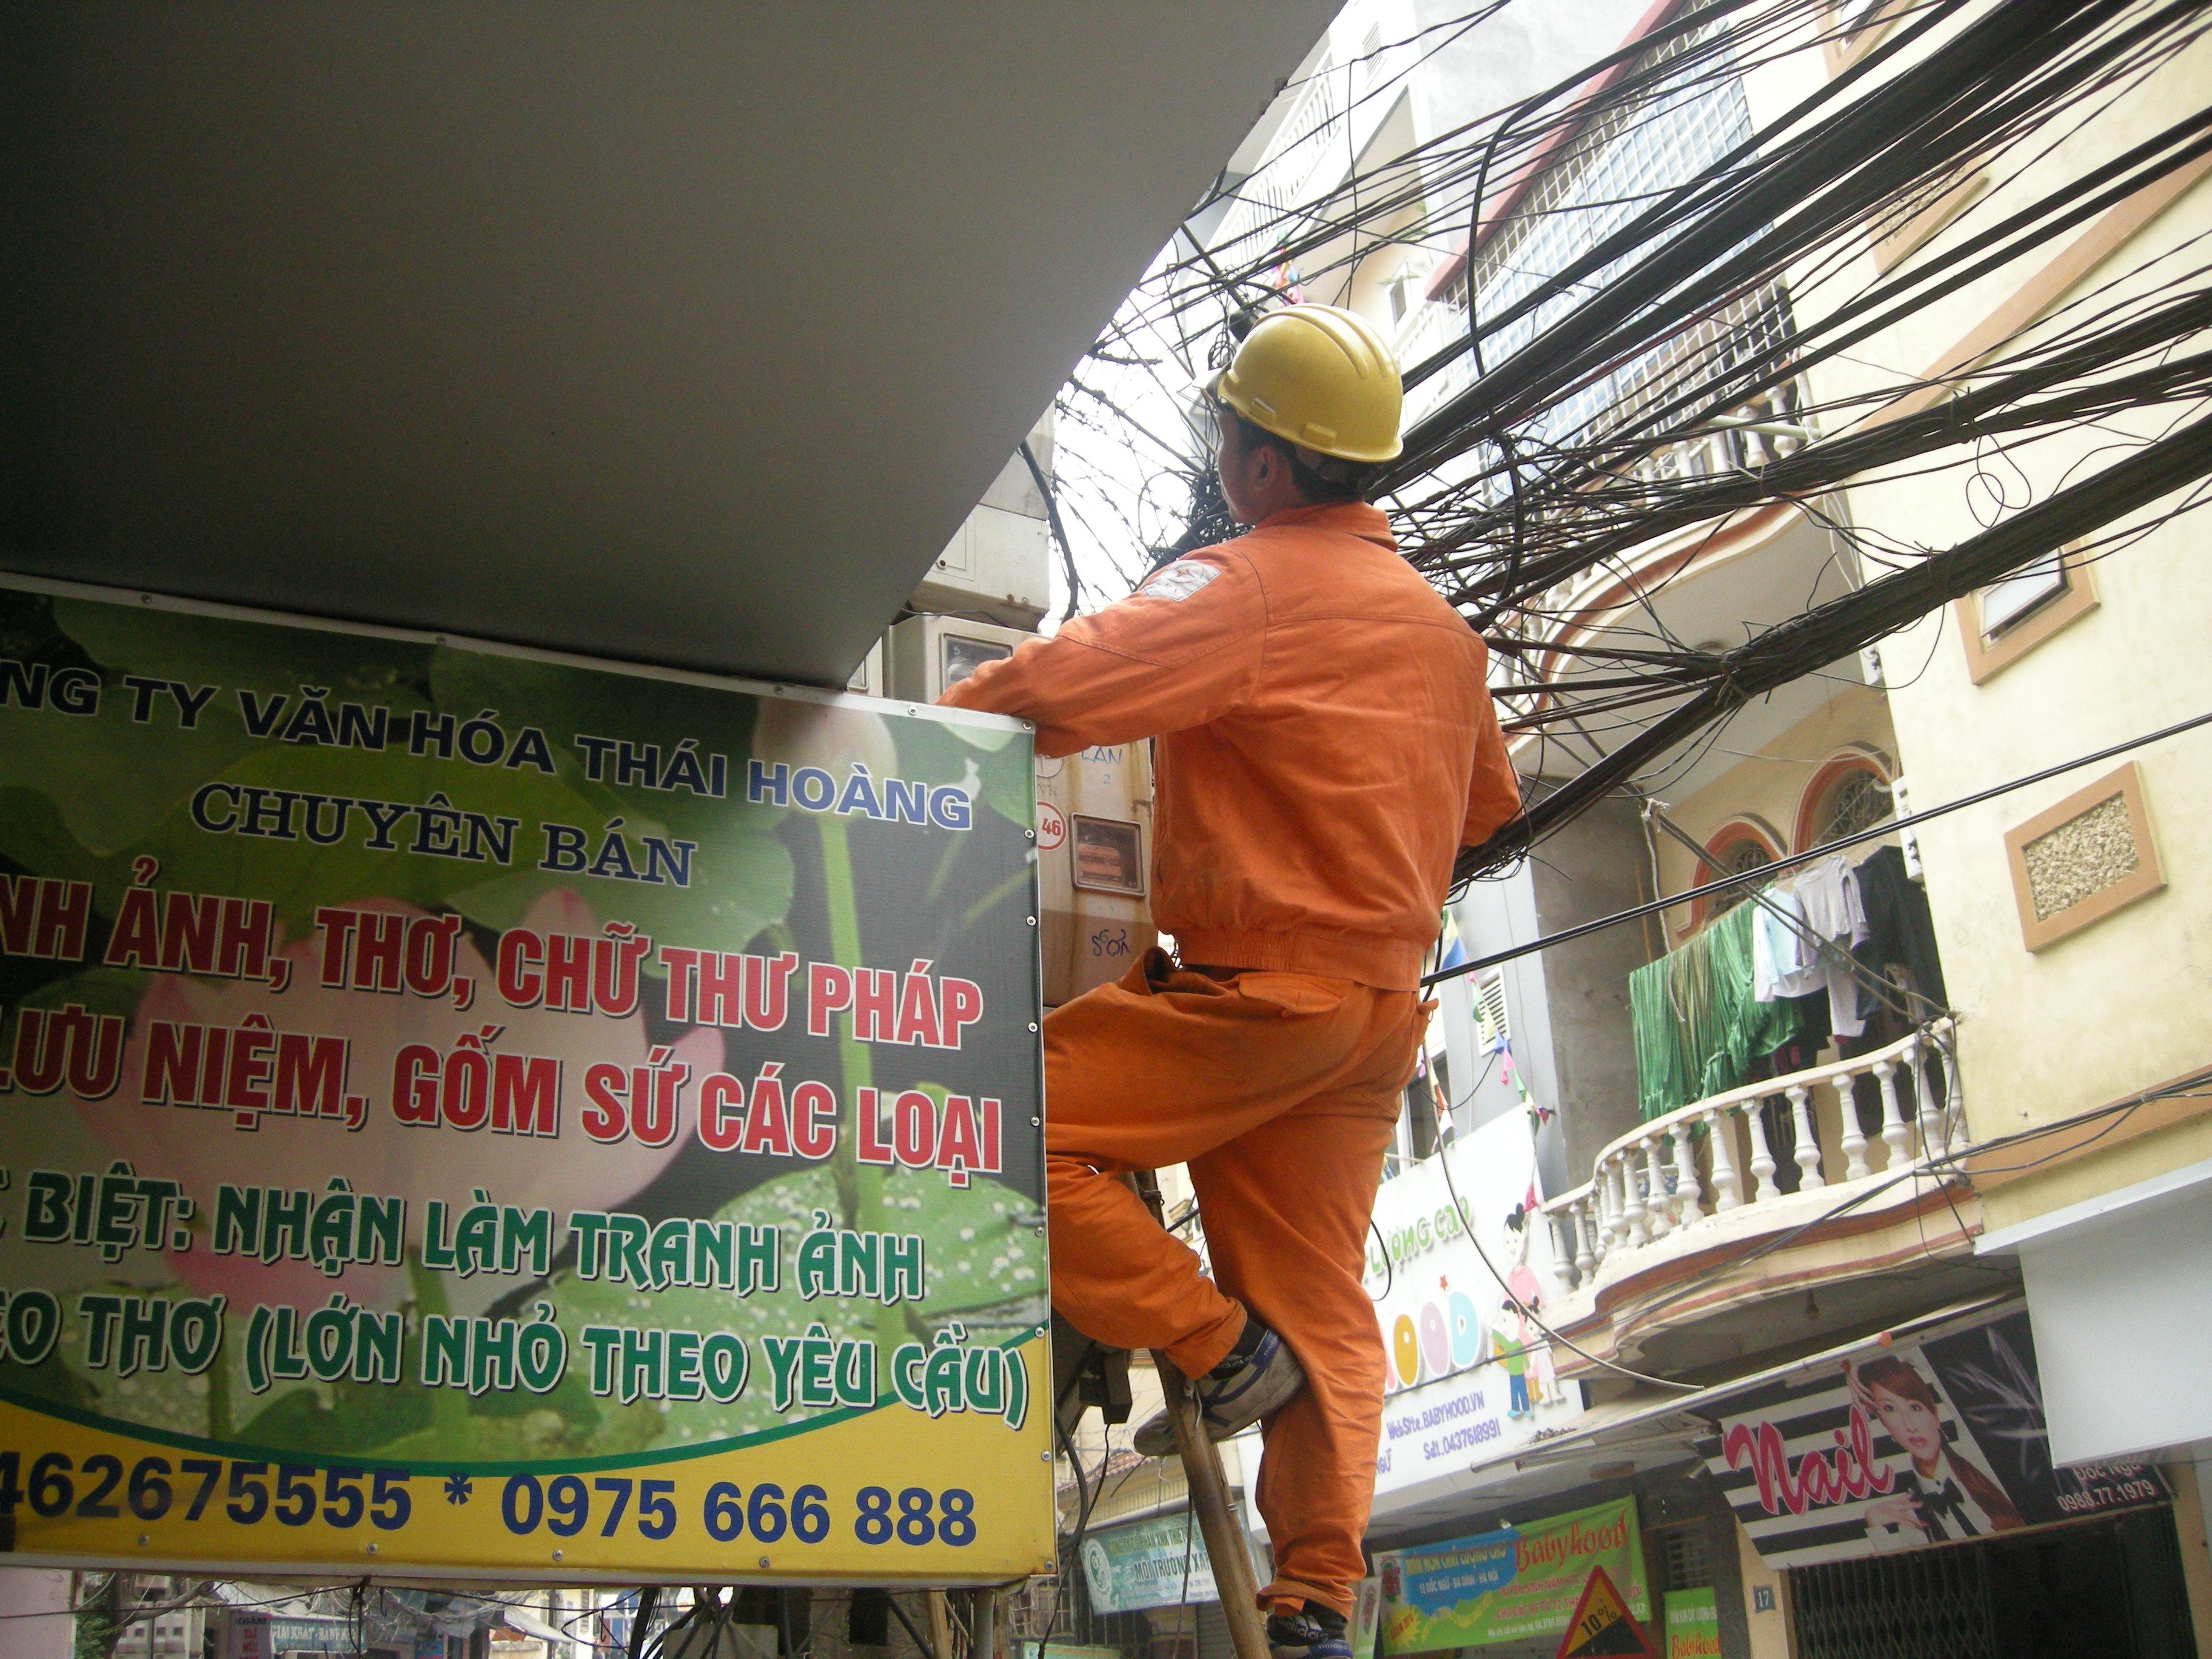 Vĩnh Phúc: Đảm bảo cung cấp điện phục vụ các hoạt động kỷ niệm 20 năm tái lập tỉnh